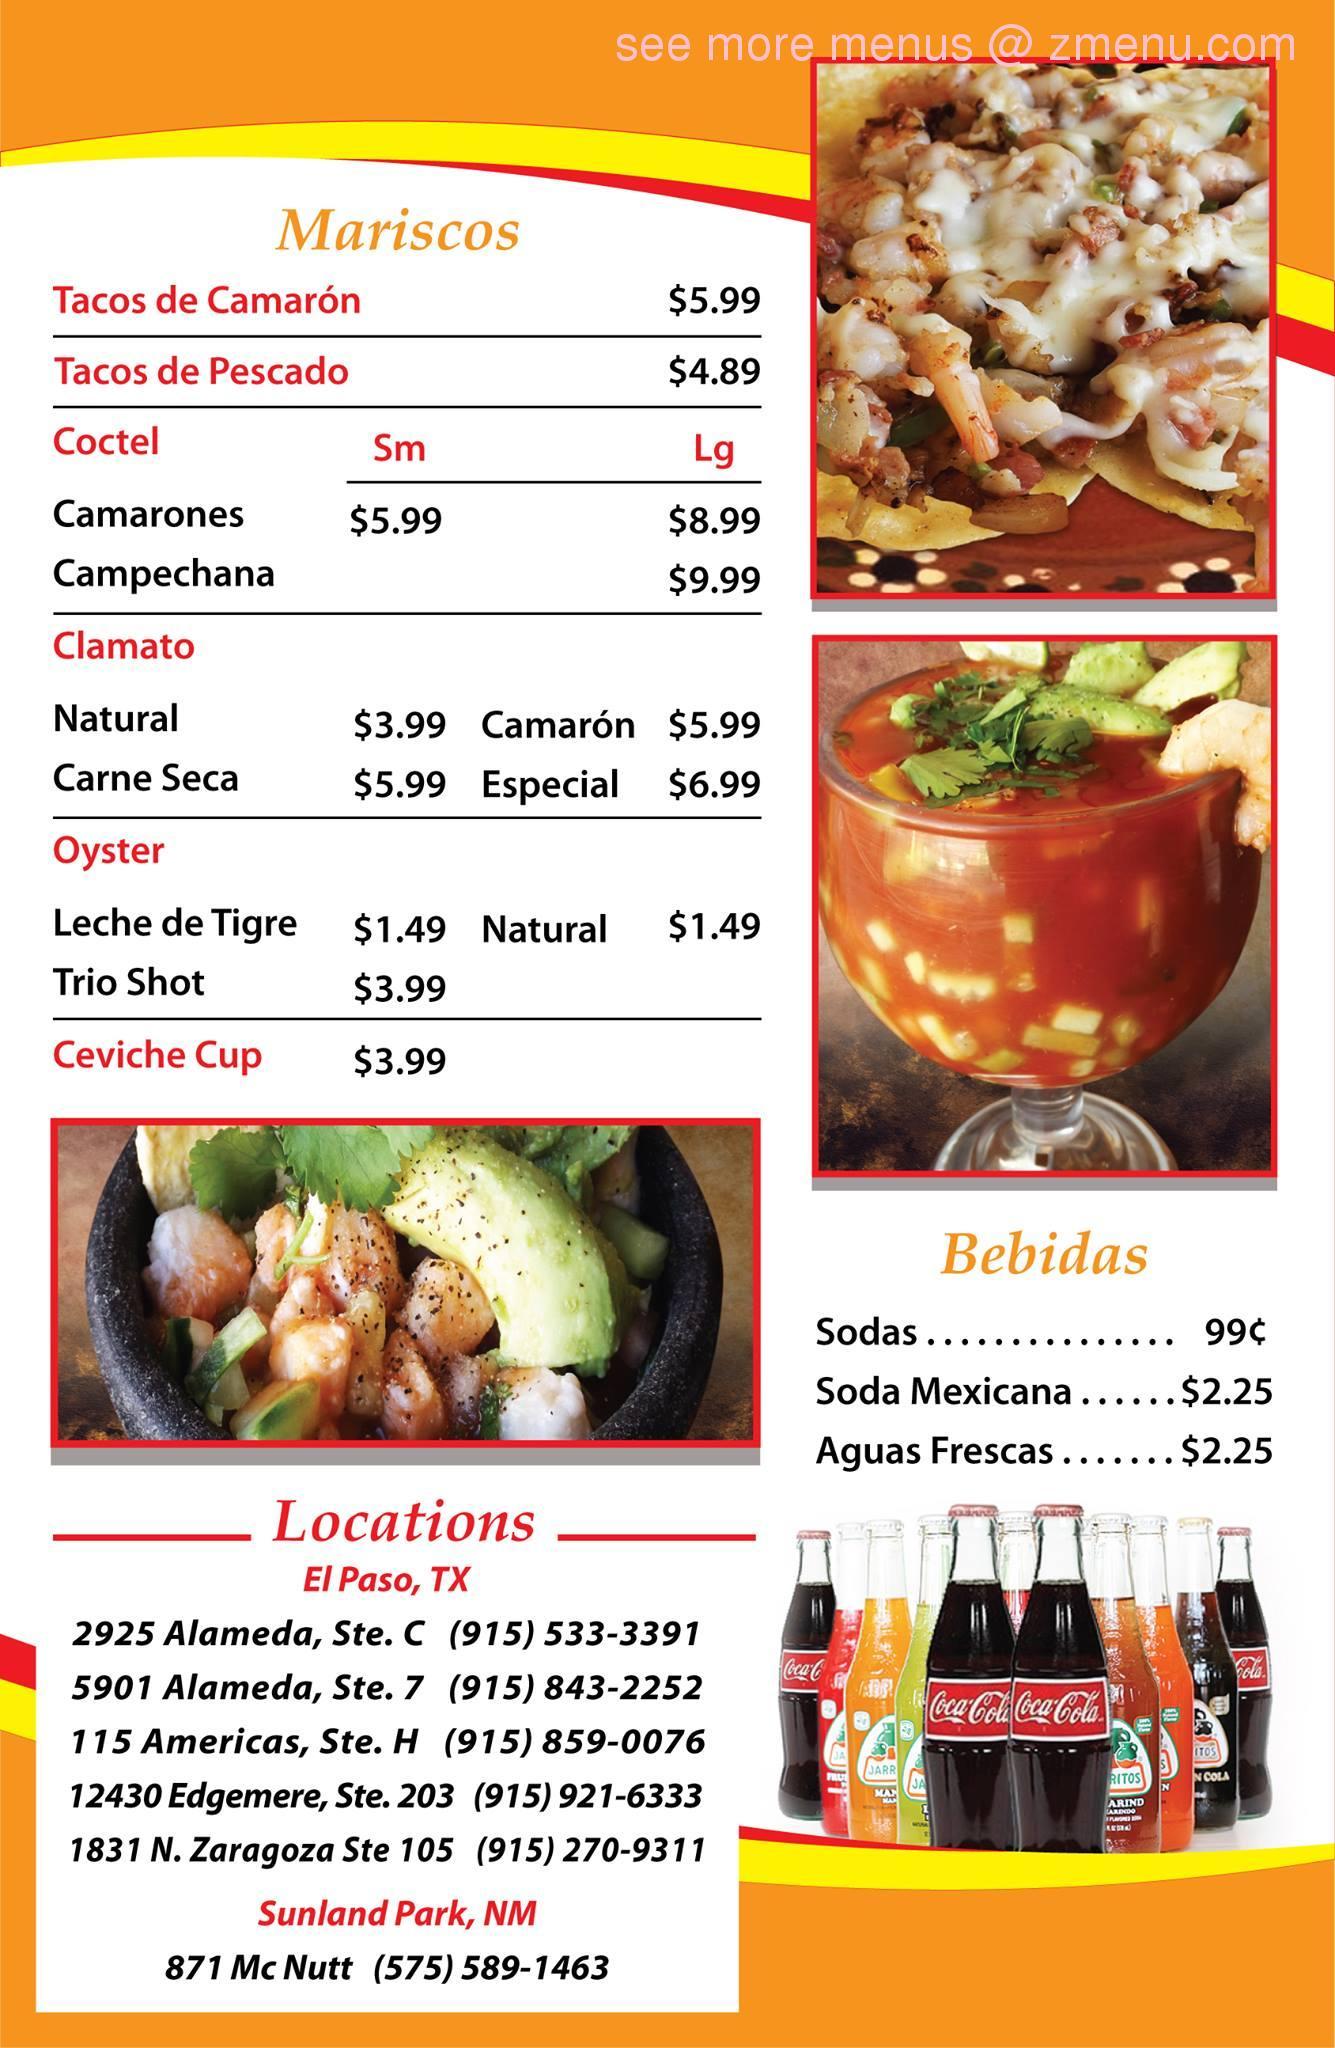 Online Menu of Tacos Don Cuco Restaurant, El Paso, Texas, 79905 - Zmenu